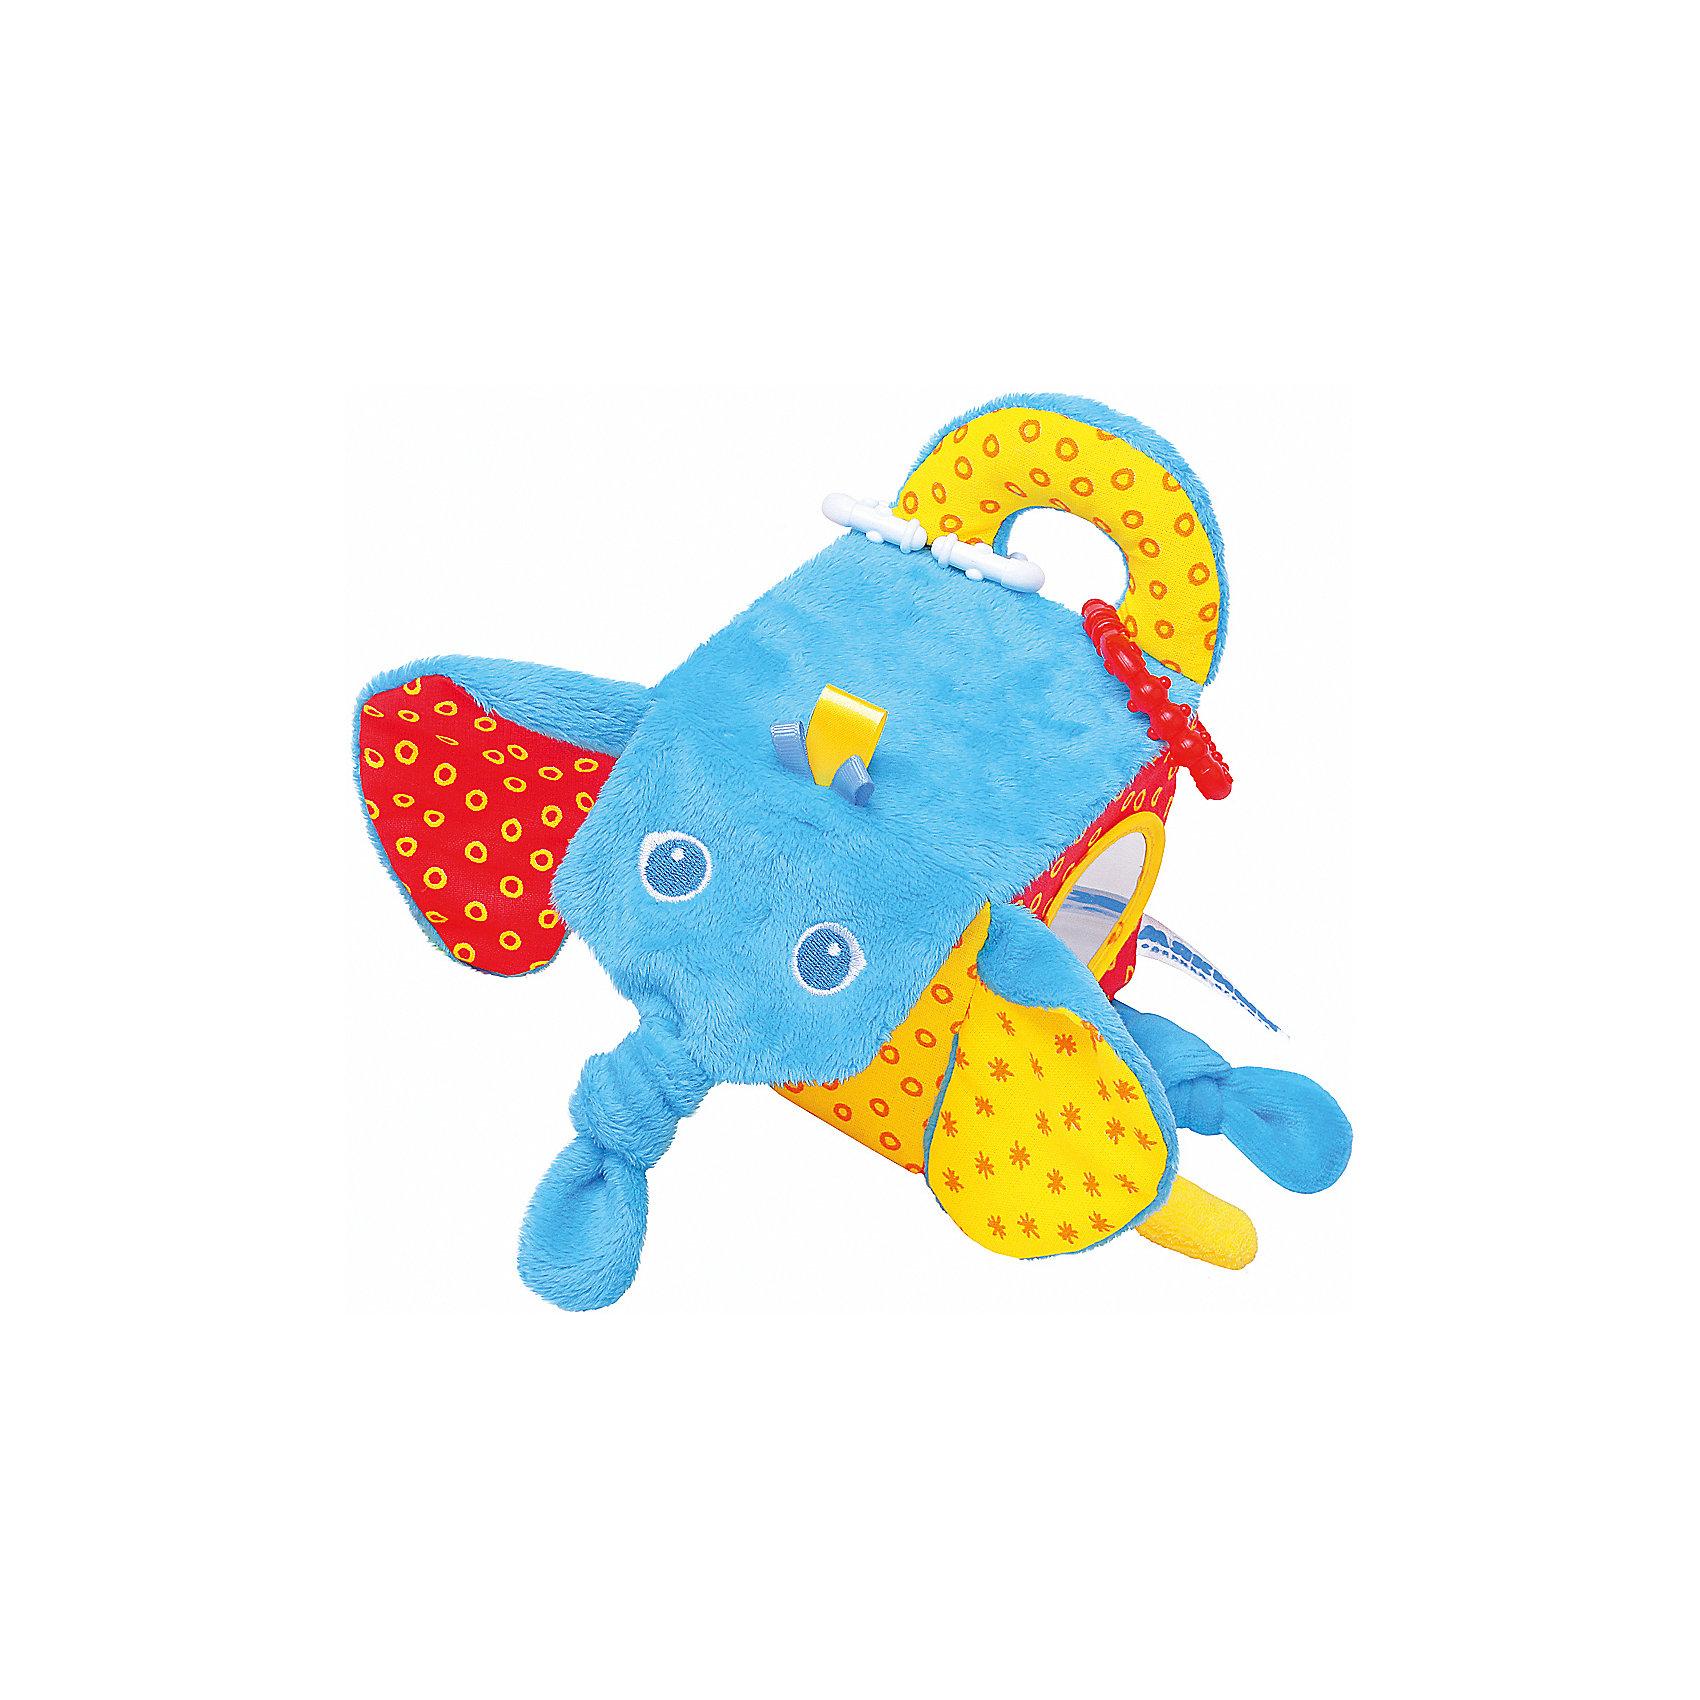 Кубик Слон, МякишиМягкие игрушки<br>Характеристики товара:<br><br>• материал: разнофактурный текстиль, поролон<br>• комплектация: 1 шт<br>• размер игрушки: 5х20х10 см<br>• звуковой элемент<br>• подвес<br>• прорезыватель<br>• развивающая игрушка<br>• упаковка: картон<br>• страна бренда: РФ<br>• страна изготовитель: РФ<br><br>Малыши активно познают мир и тянутся к новой информации. Чтобы сделать процесс изучения окружающего пространства интереснее, ребенку можно подарить развивающие игрушки. В процессе игры информация усваивается намного лучше!<br>Такие игрушки помогут занять малыша, играть ими приятно и весело. Одновременно они позволят познакомиться со многими цветами, фактурами, а также научиться извлекать звук. Подобные игрушки развивают тактильные ощущения, моторику, цветовосприятие, логику, воображение, учат фокусировать внимание. Каждое изделие абсолютно безопасно – оно создано из качественной ткани с мягким наполнителем. Игрушки производятся из качественных и проверенных материалов, которые безопасны для детей.<br><br>Кубик Слон от бренда Мякиши можно купить в нашем интернет-магазине.<br><br>Ширина мм: 155<br>Глубина мм: 200<br>Высота мм: 100<br>Вес г: 90<br>Возраст от месяцев: 12<br>Возраст до месяцев: 36<br>Пол: Унисекс<br>Возраст: Детский<br>SKU: 5183212